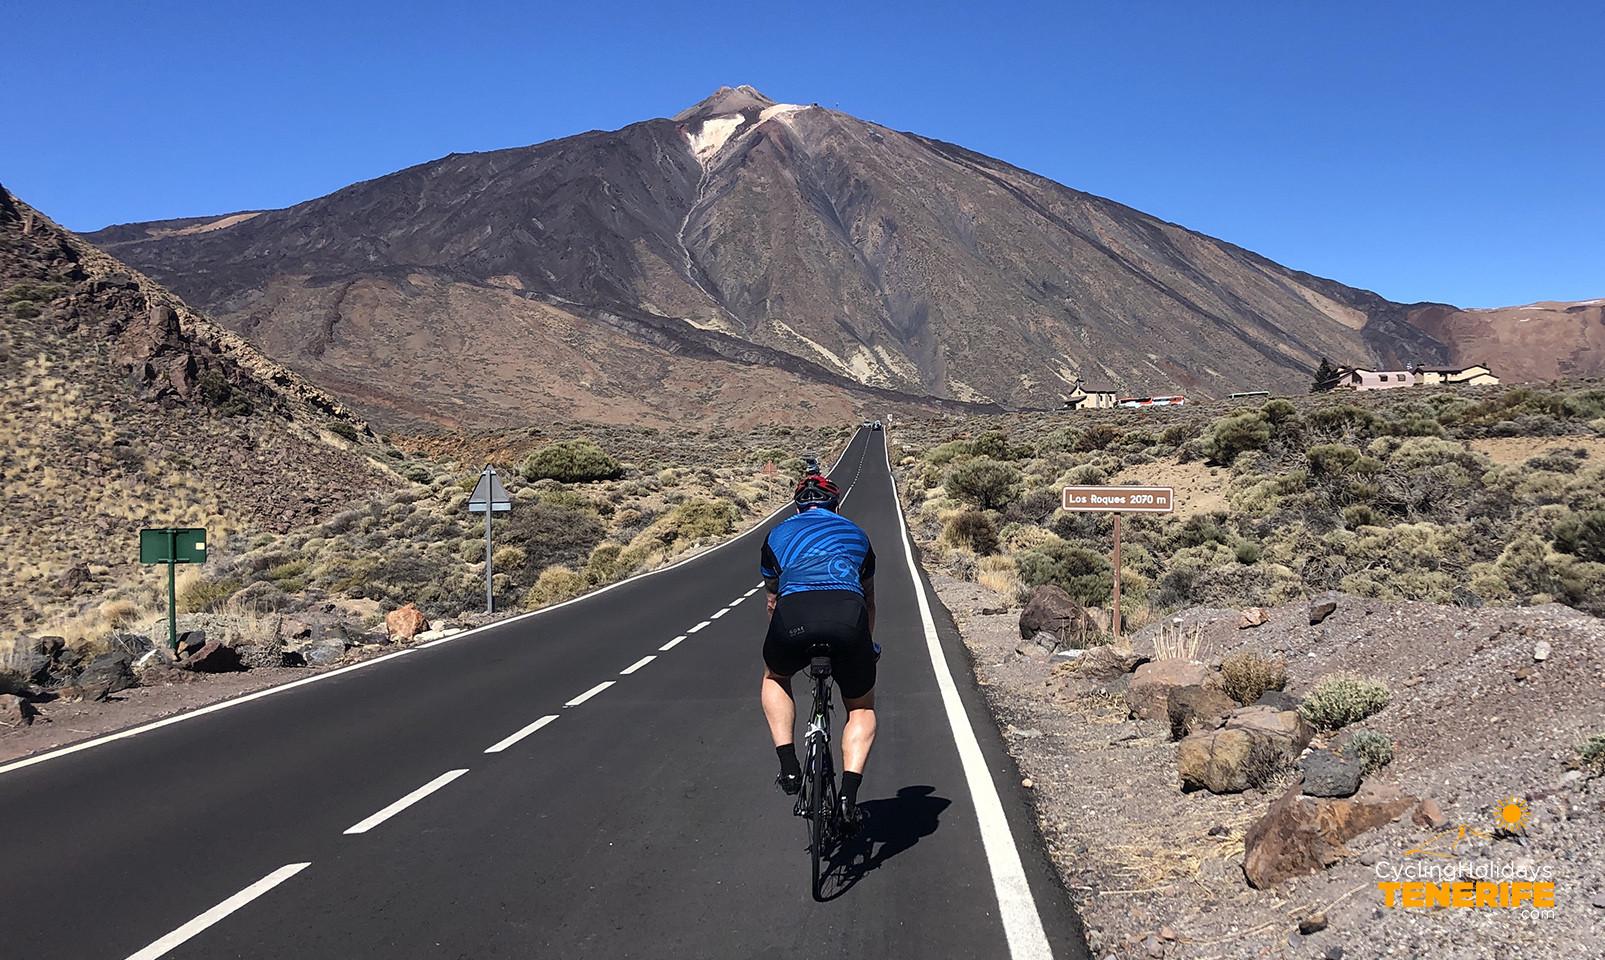 el teide cycling holidays tenerife.jpg